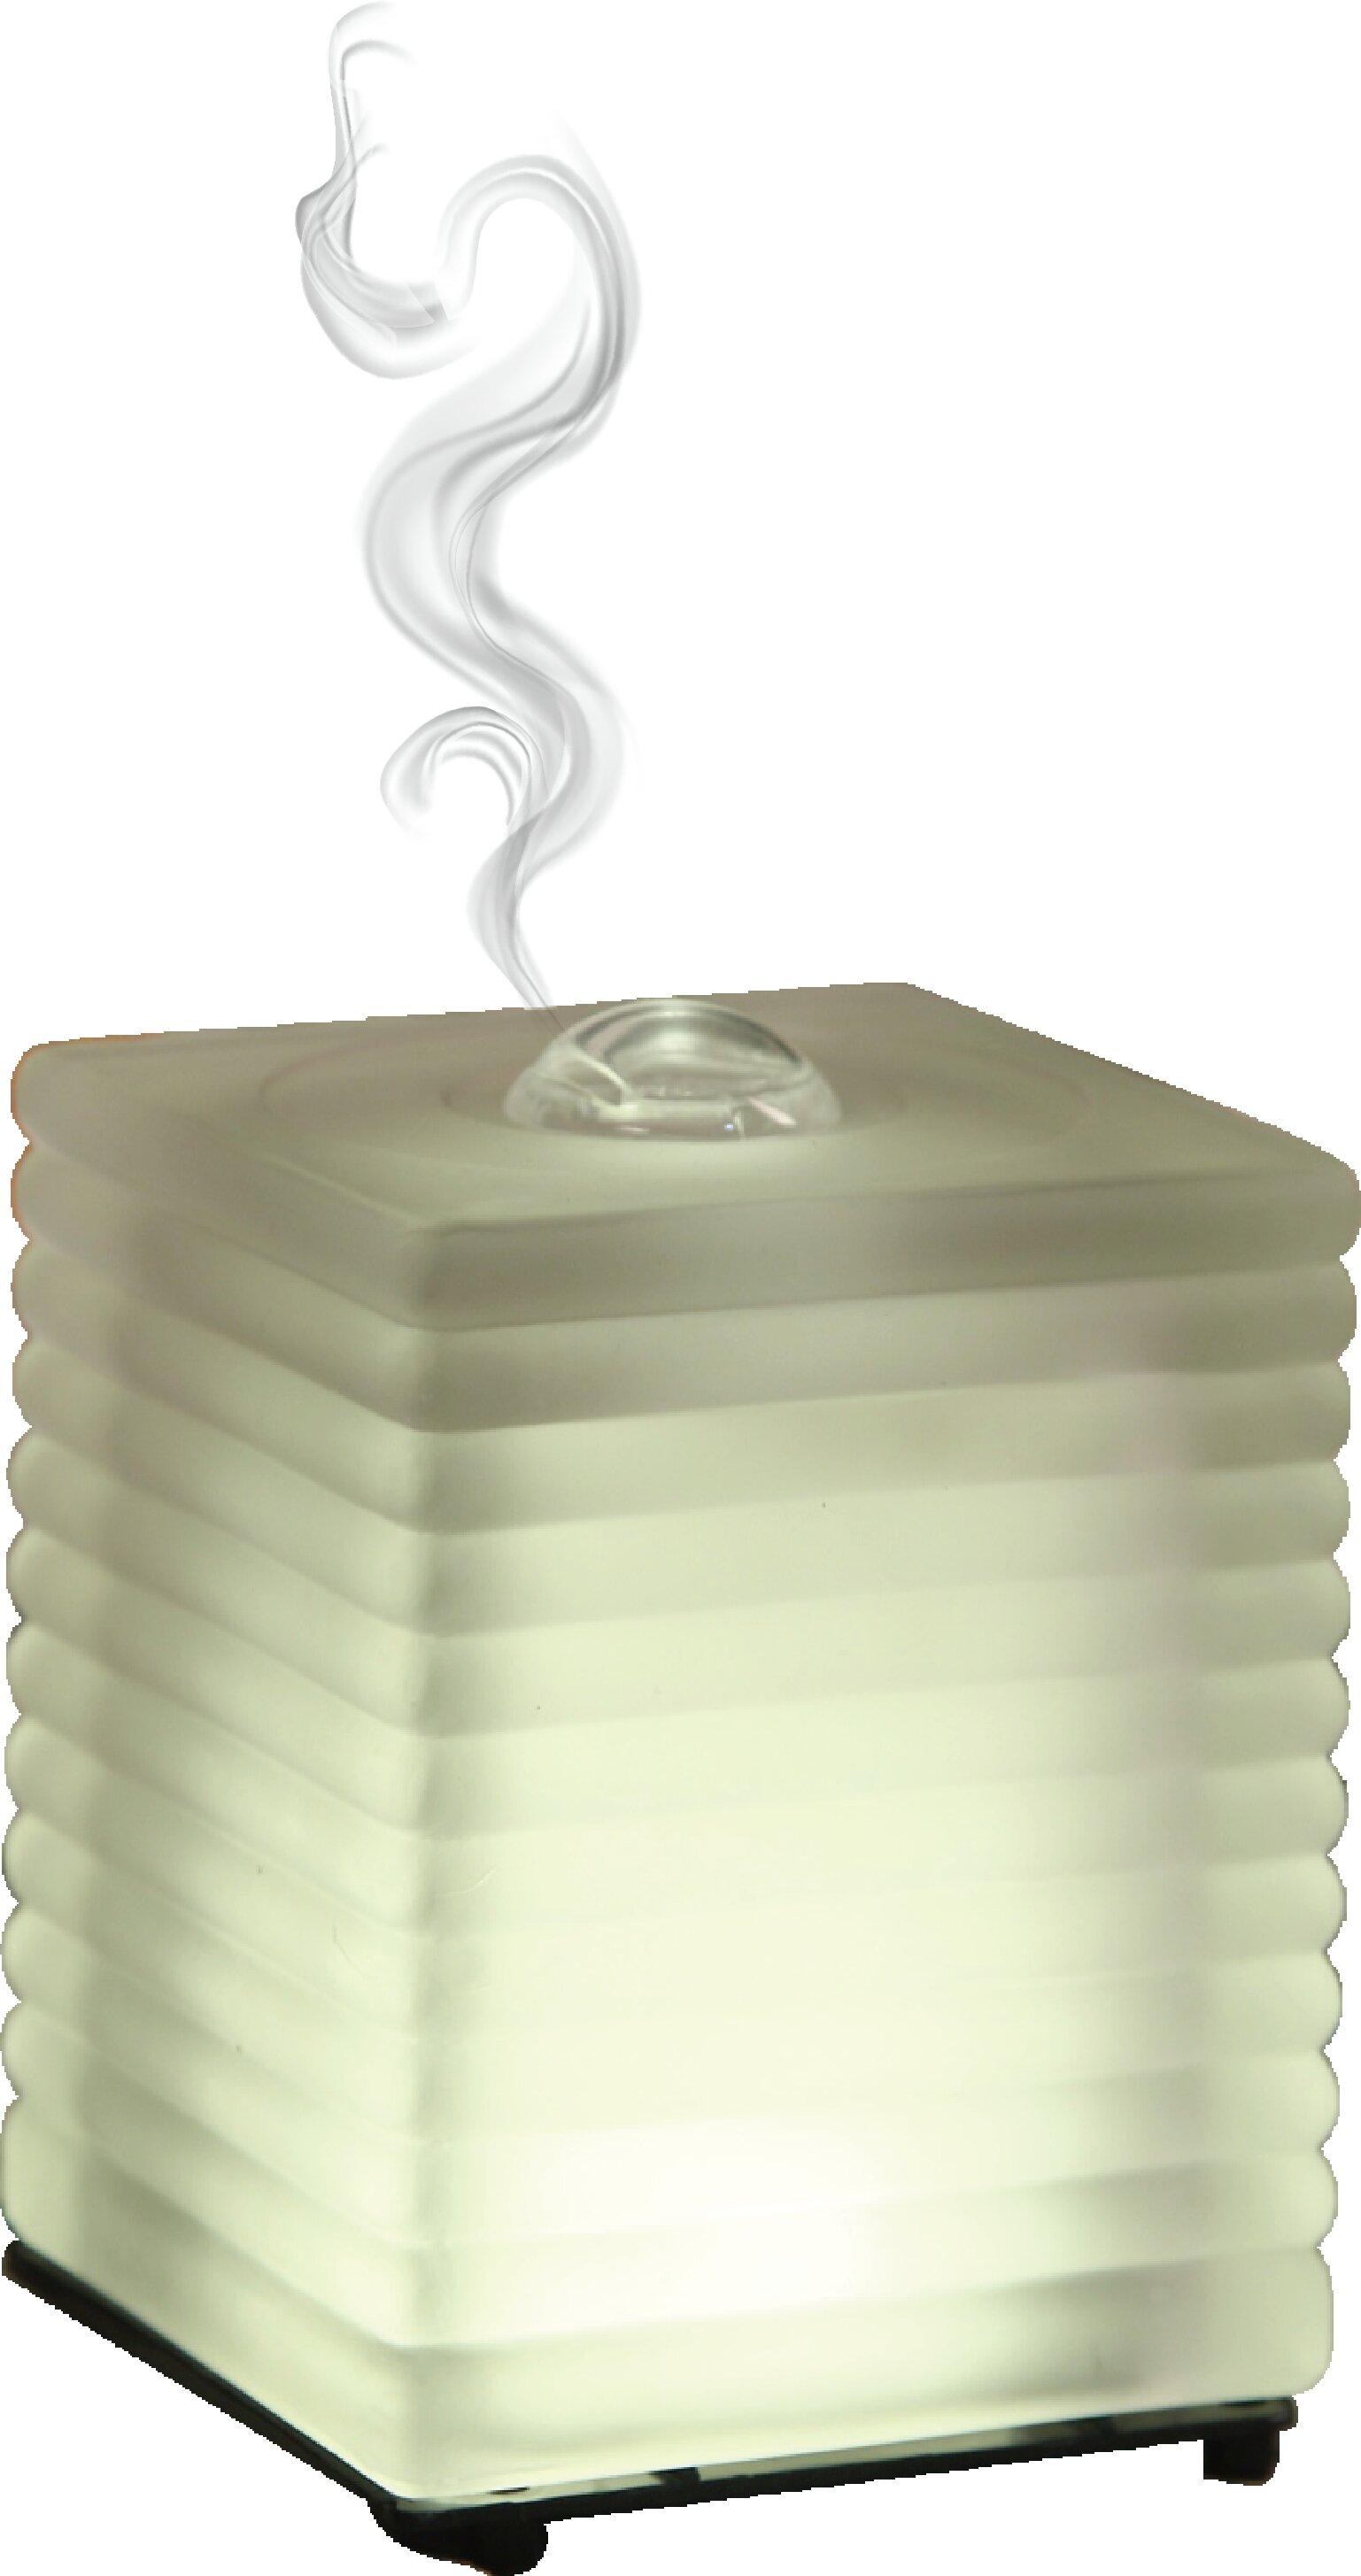 pure enrichment purespa deluxe ultrasonic aromatherapy oil diffuser